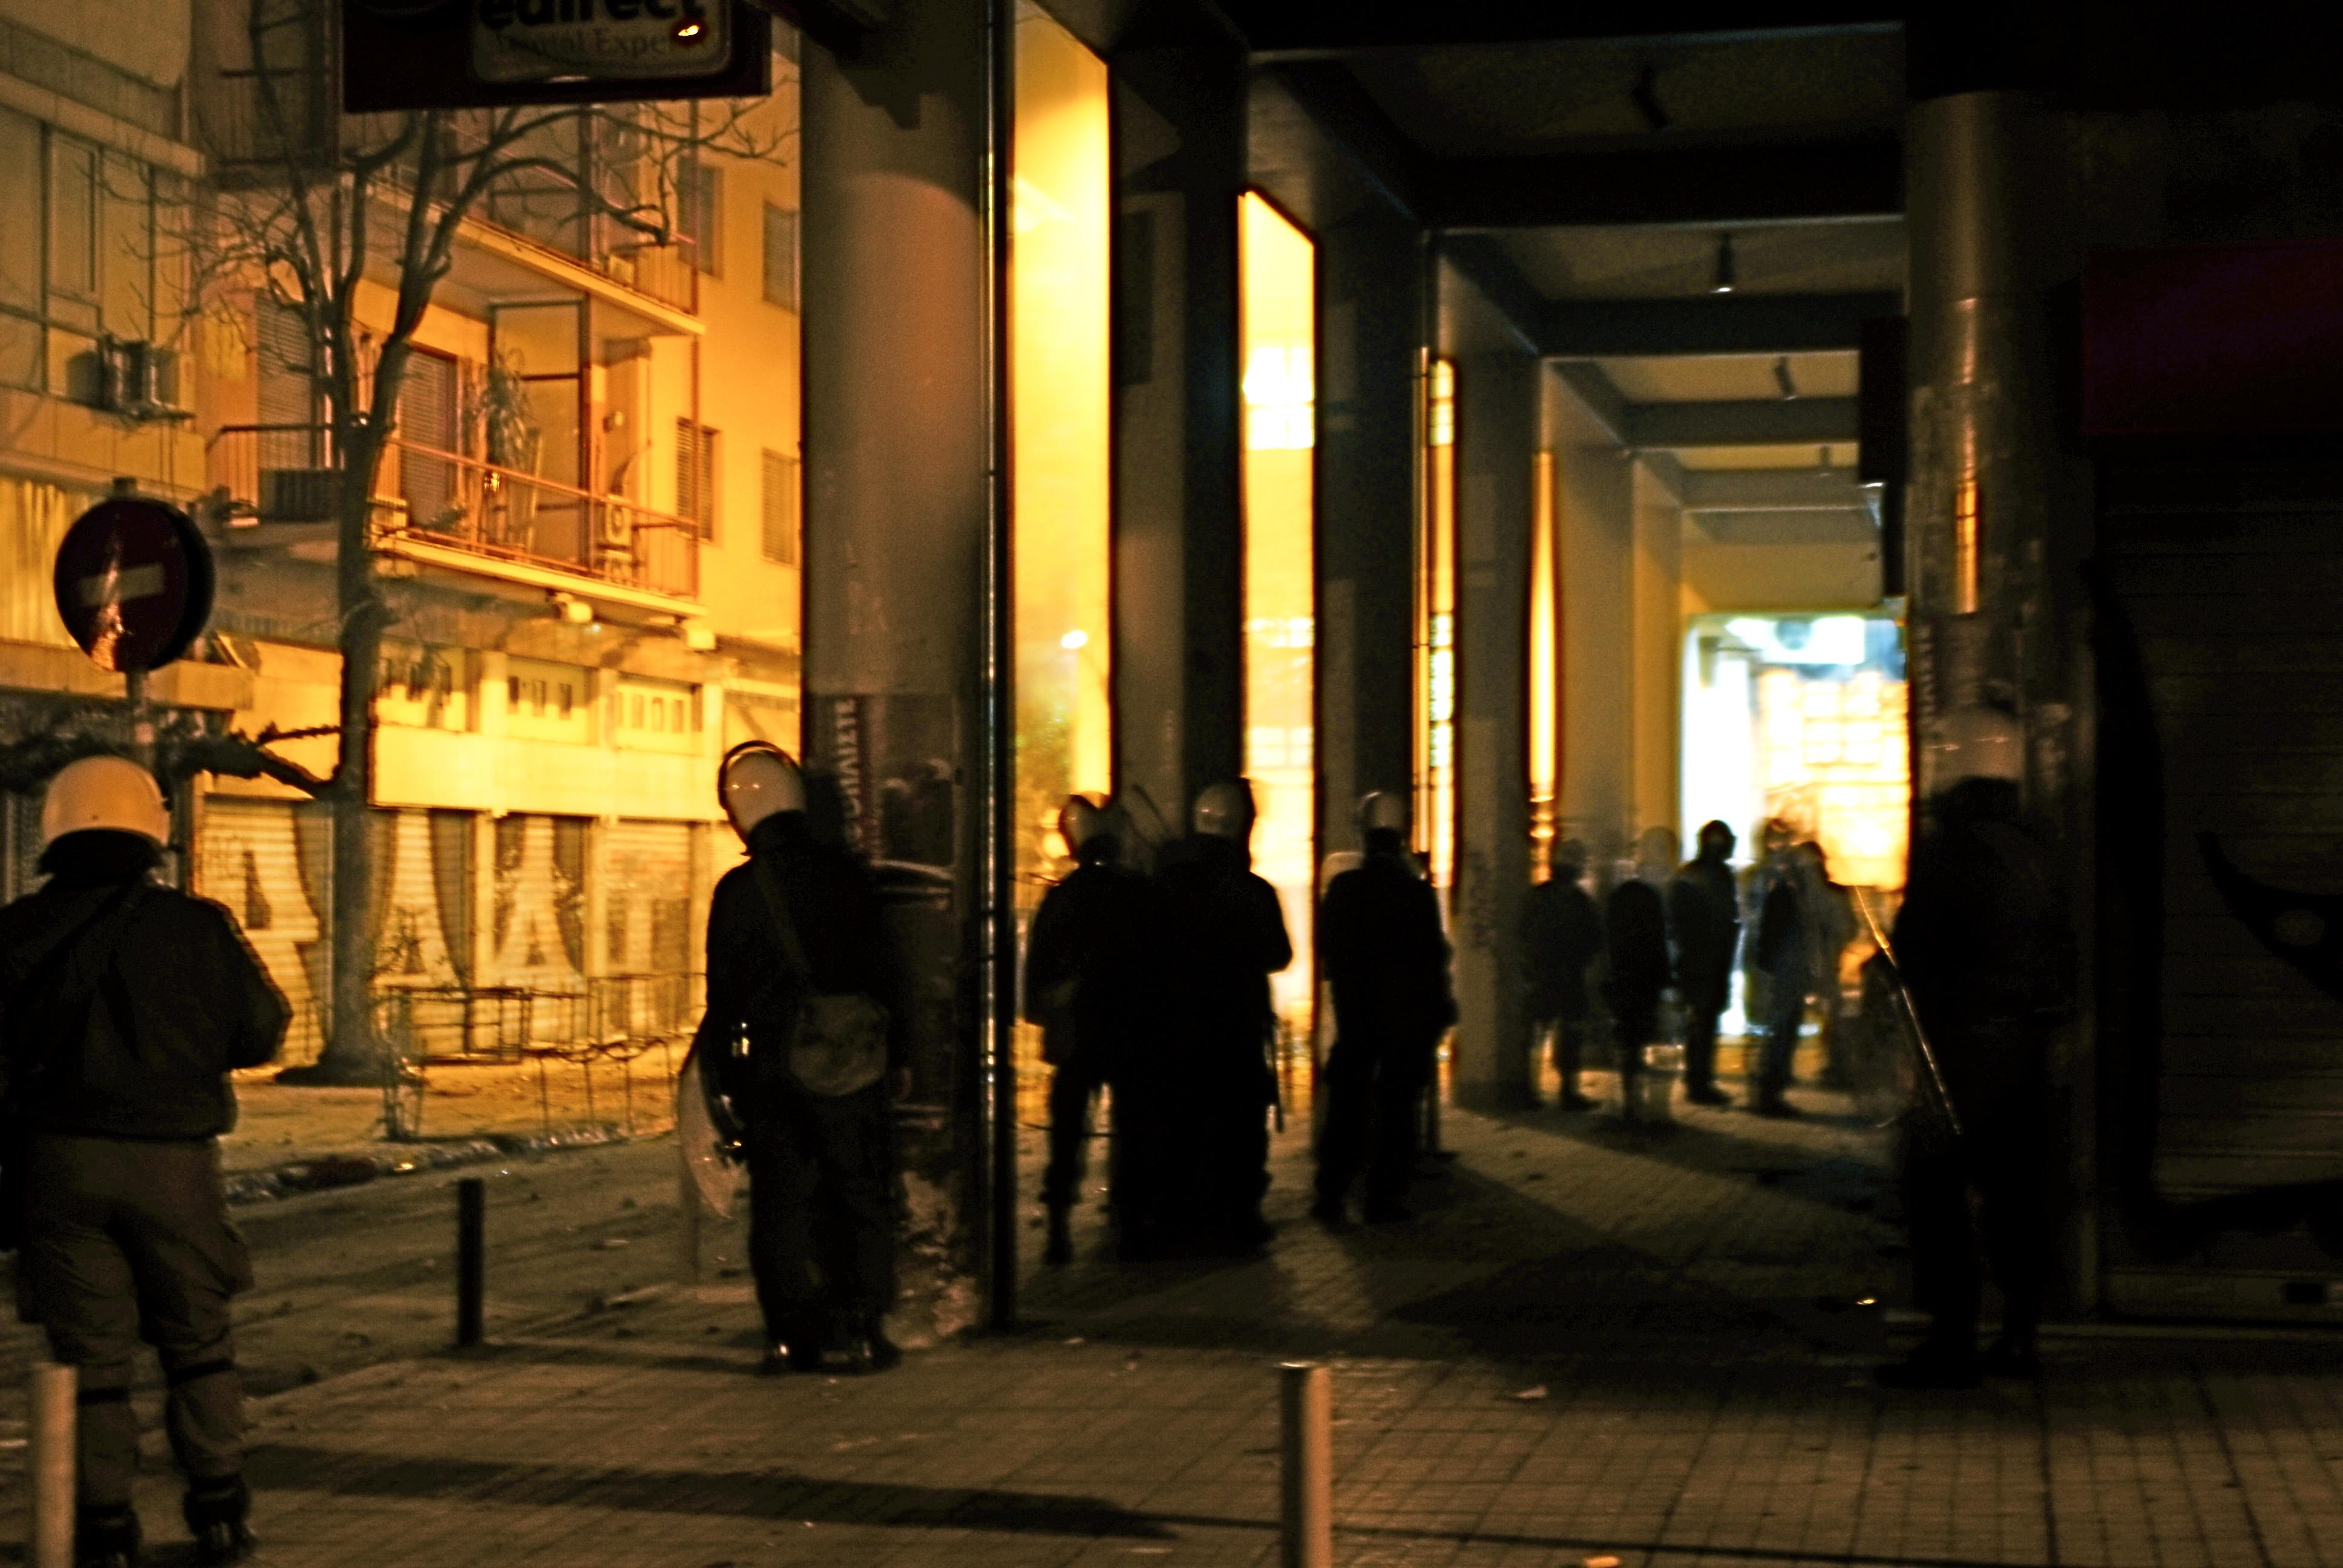 Foto di Valentina Perniciaro _Alba di domenica 21 dicembre 2008. I reparti speciali continuano ad assediare il Politecnico.L'aria ormai è satura di polveri asfissianti, loro attaccano con le granate ma anche con i sassi che raccolgono dalla strada. Il Politecnico,asfissiato, reagisce anche dal tetto con i lanci e la musica ad alto volume.